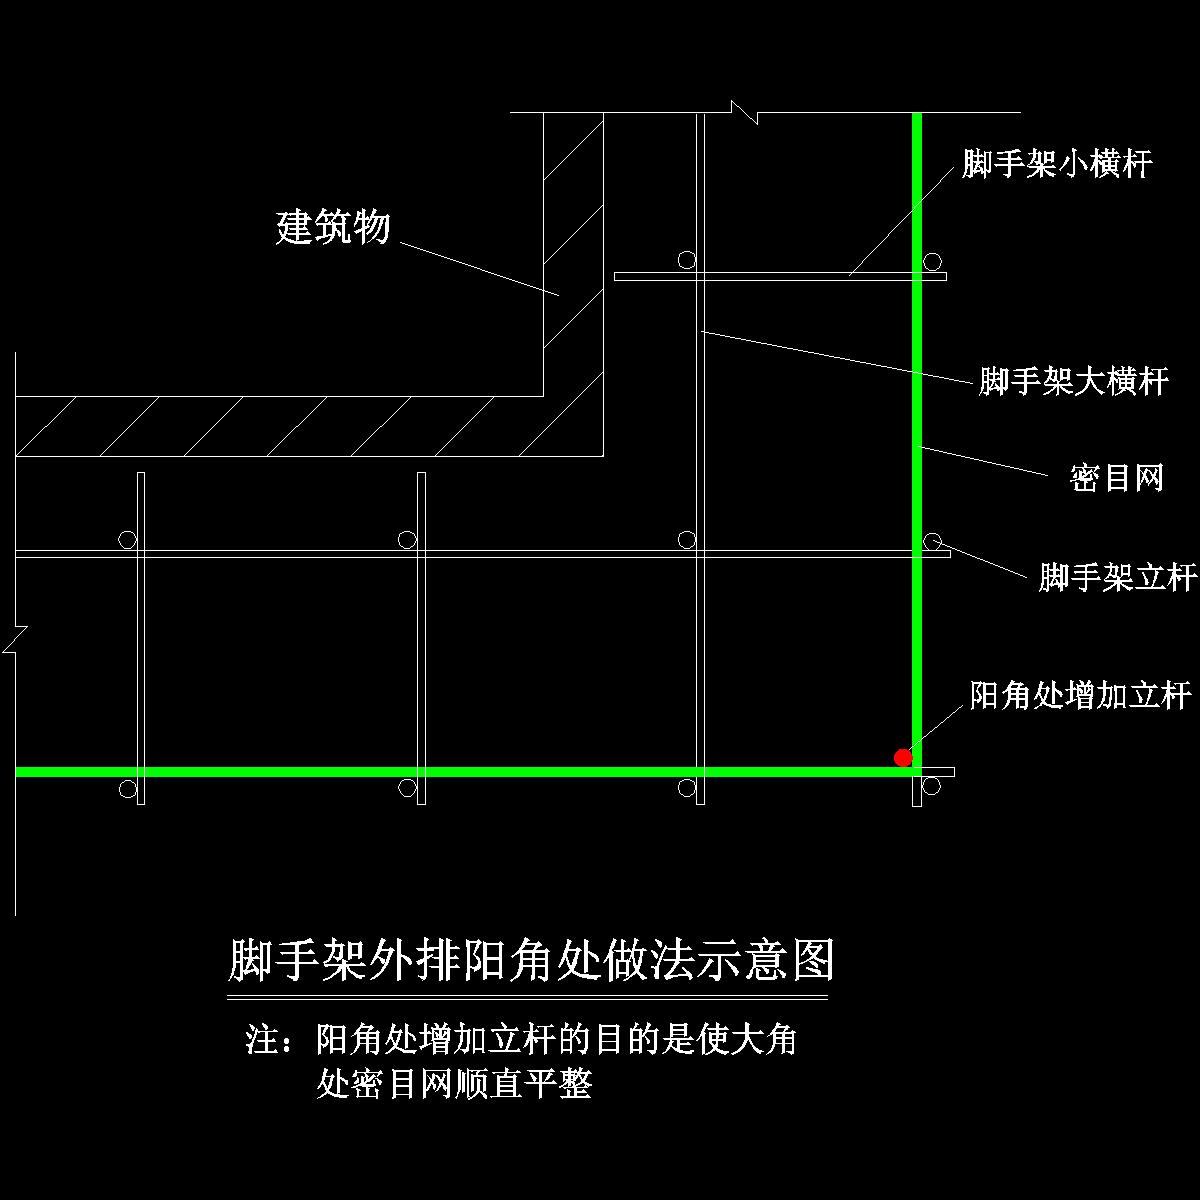 阳角处做法示意图2010.3.31.dwg